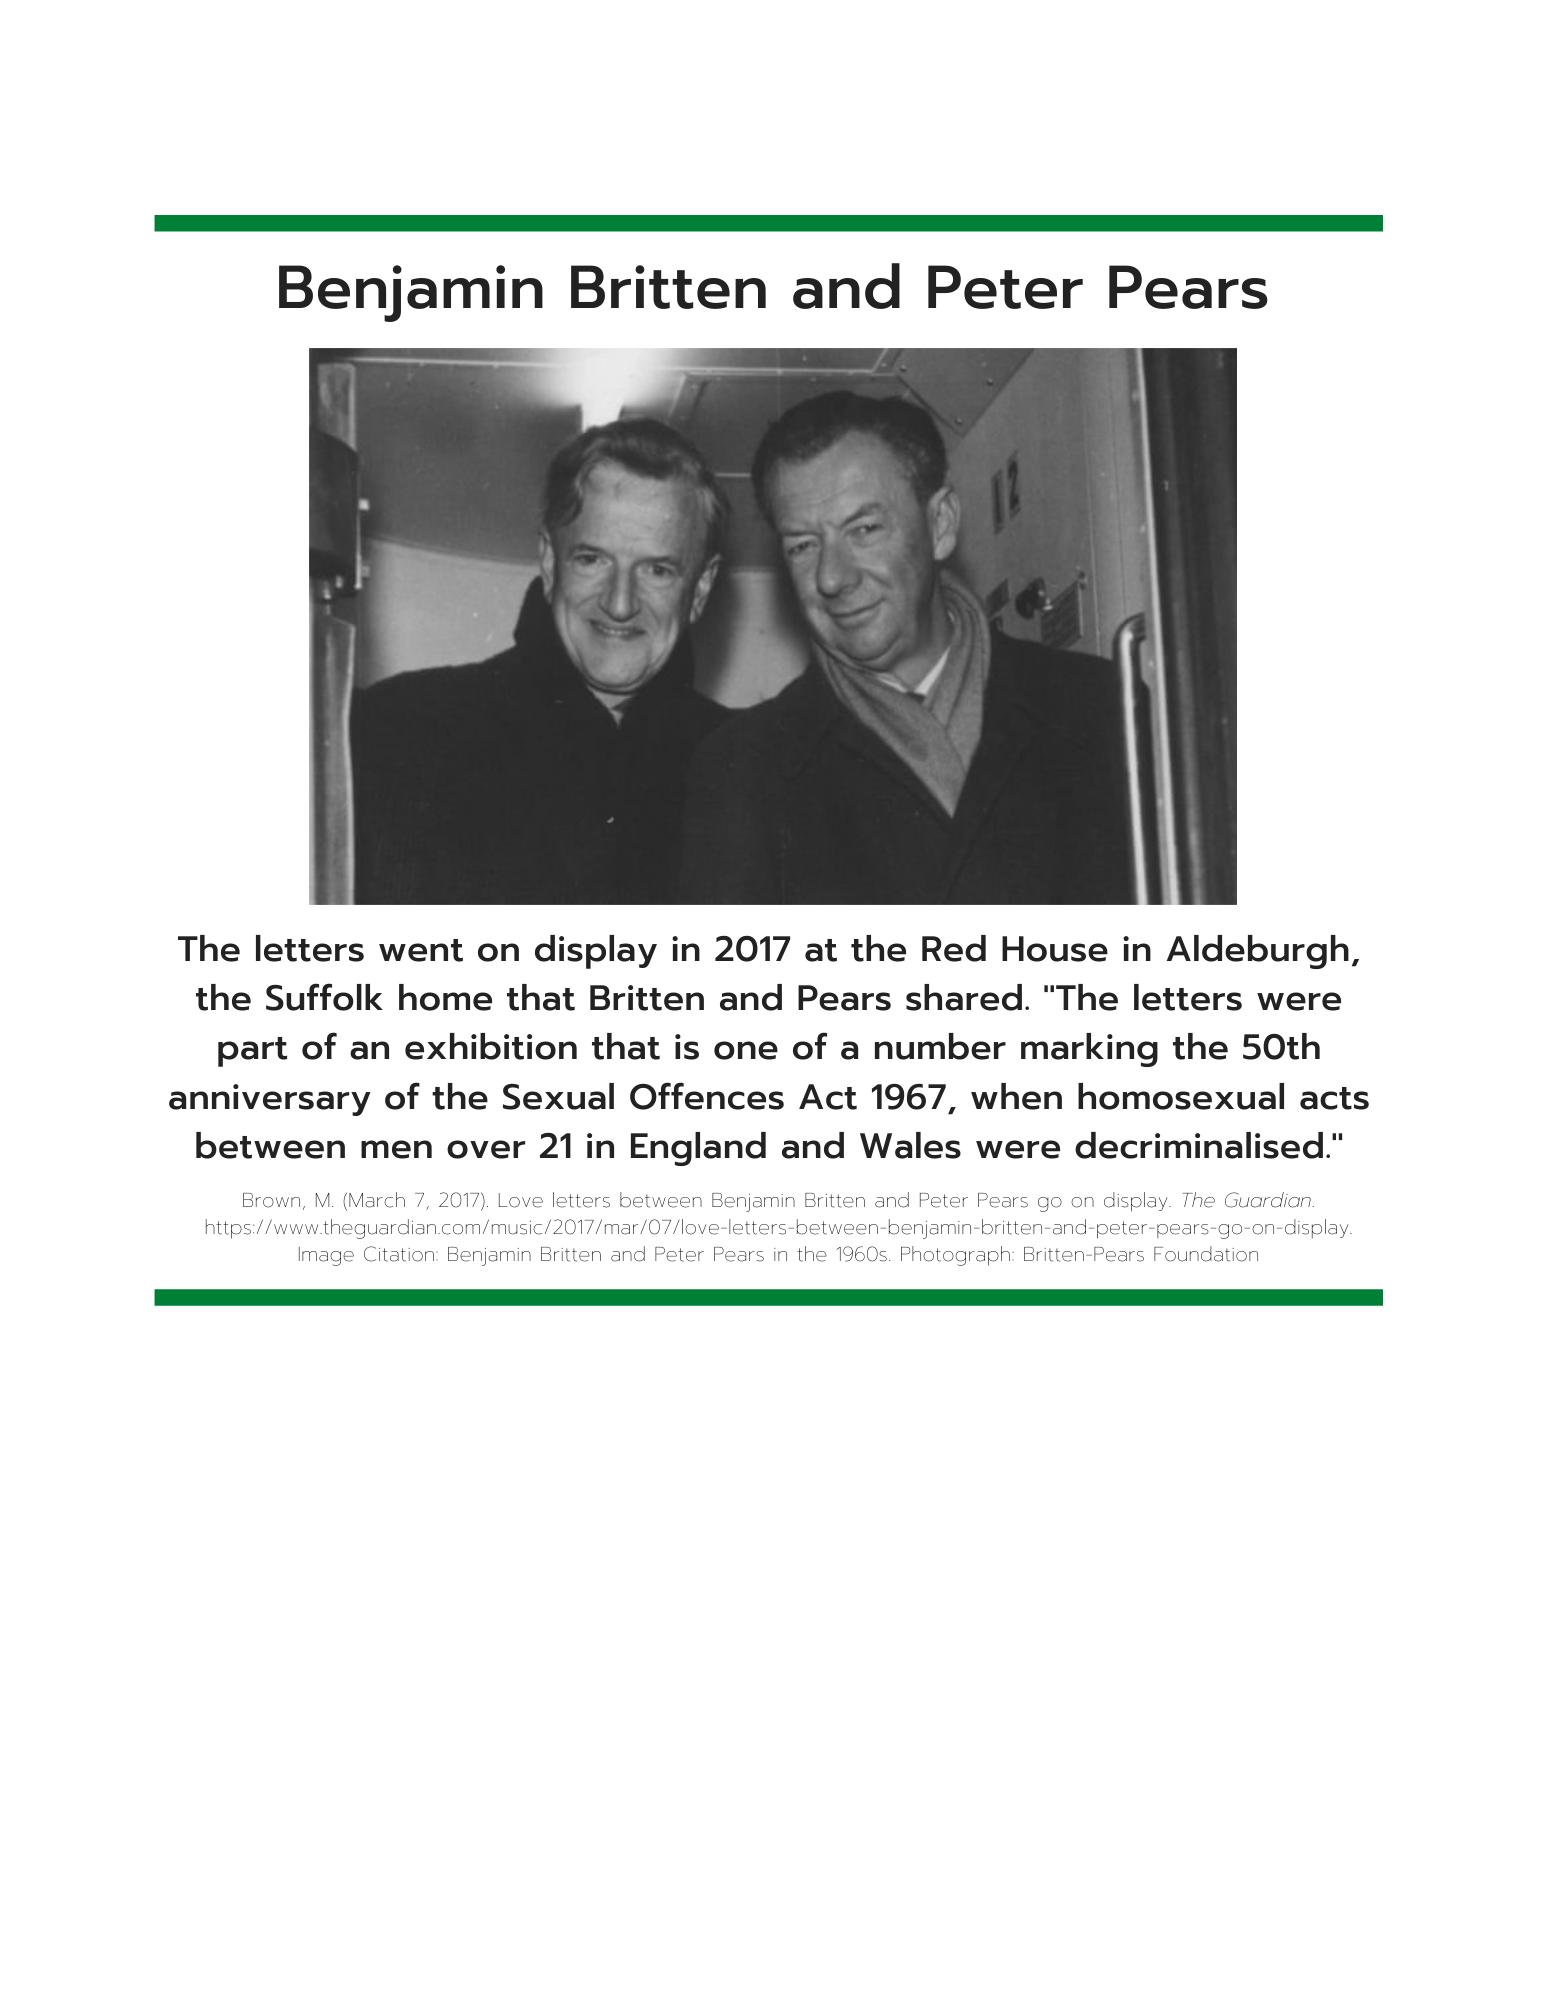 Benjamin Britten and Peter Peers information sheet art